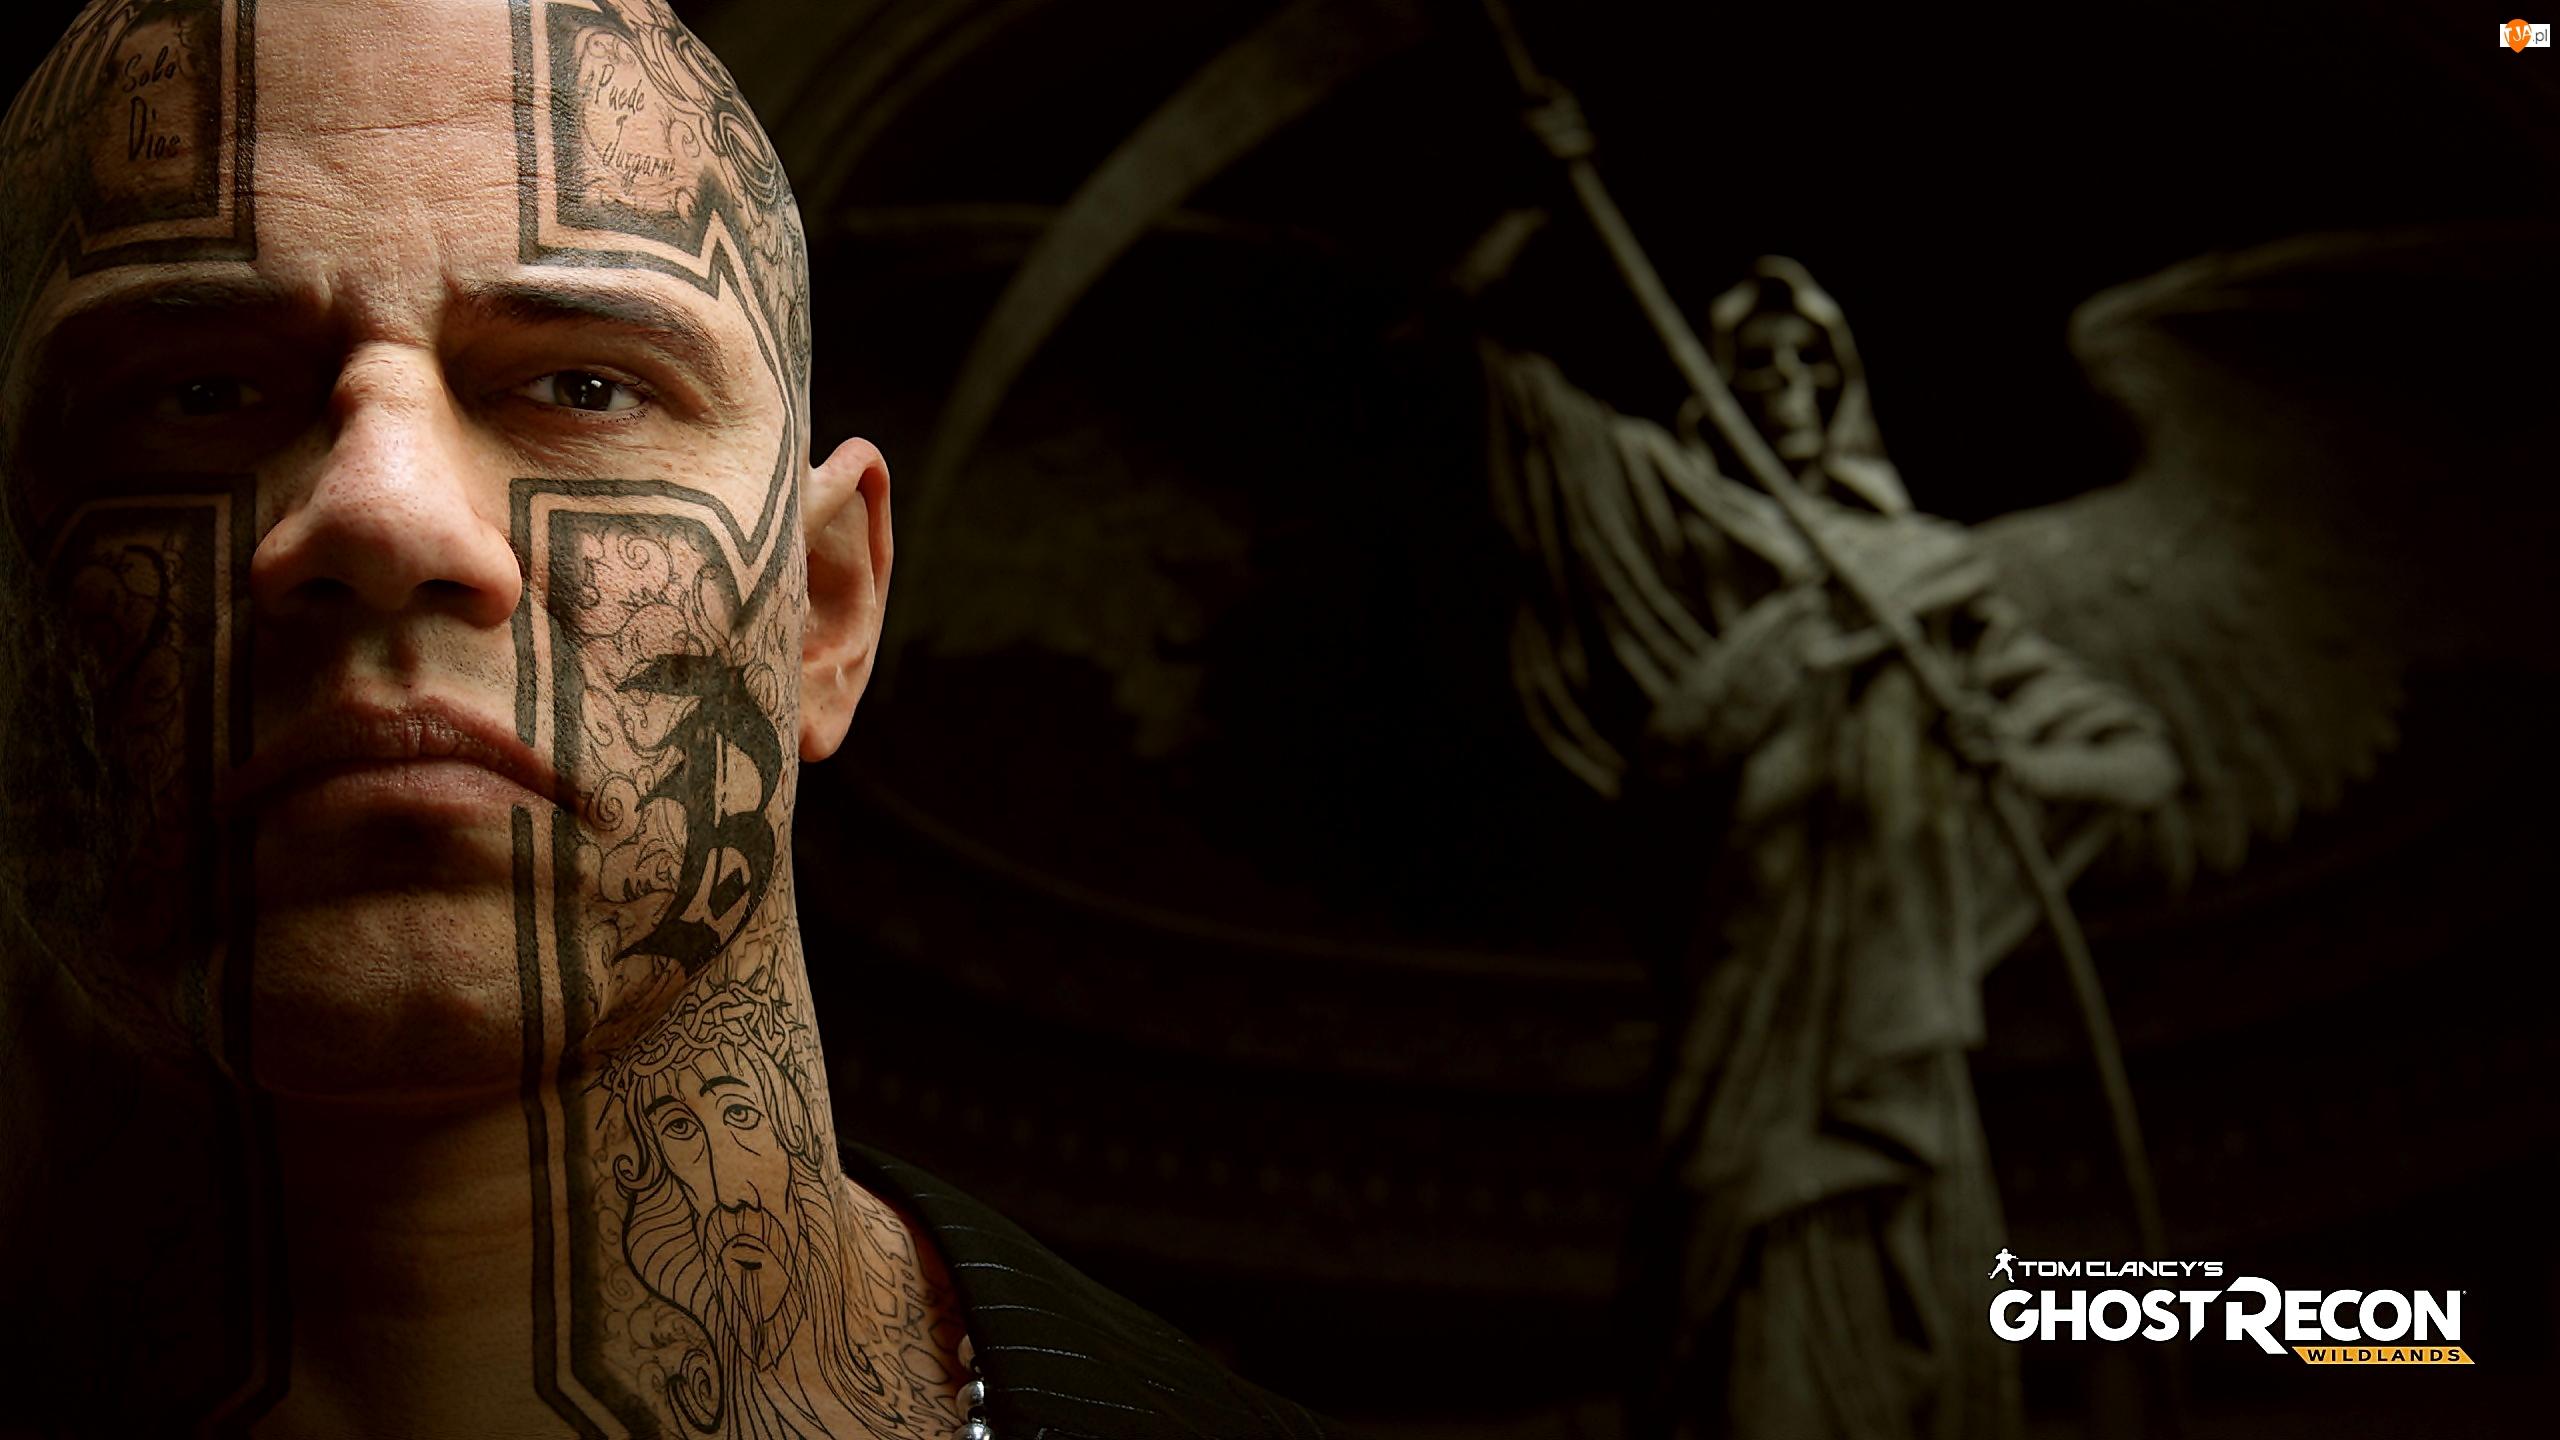 Tatuaże, Tom Clancys Ghost Recon Wildlands, El Sueno, Anioł, Postać, Mężczyzna, Kosa, Baron narkotykowy